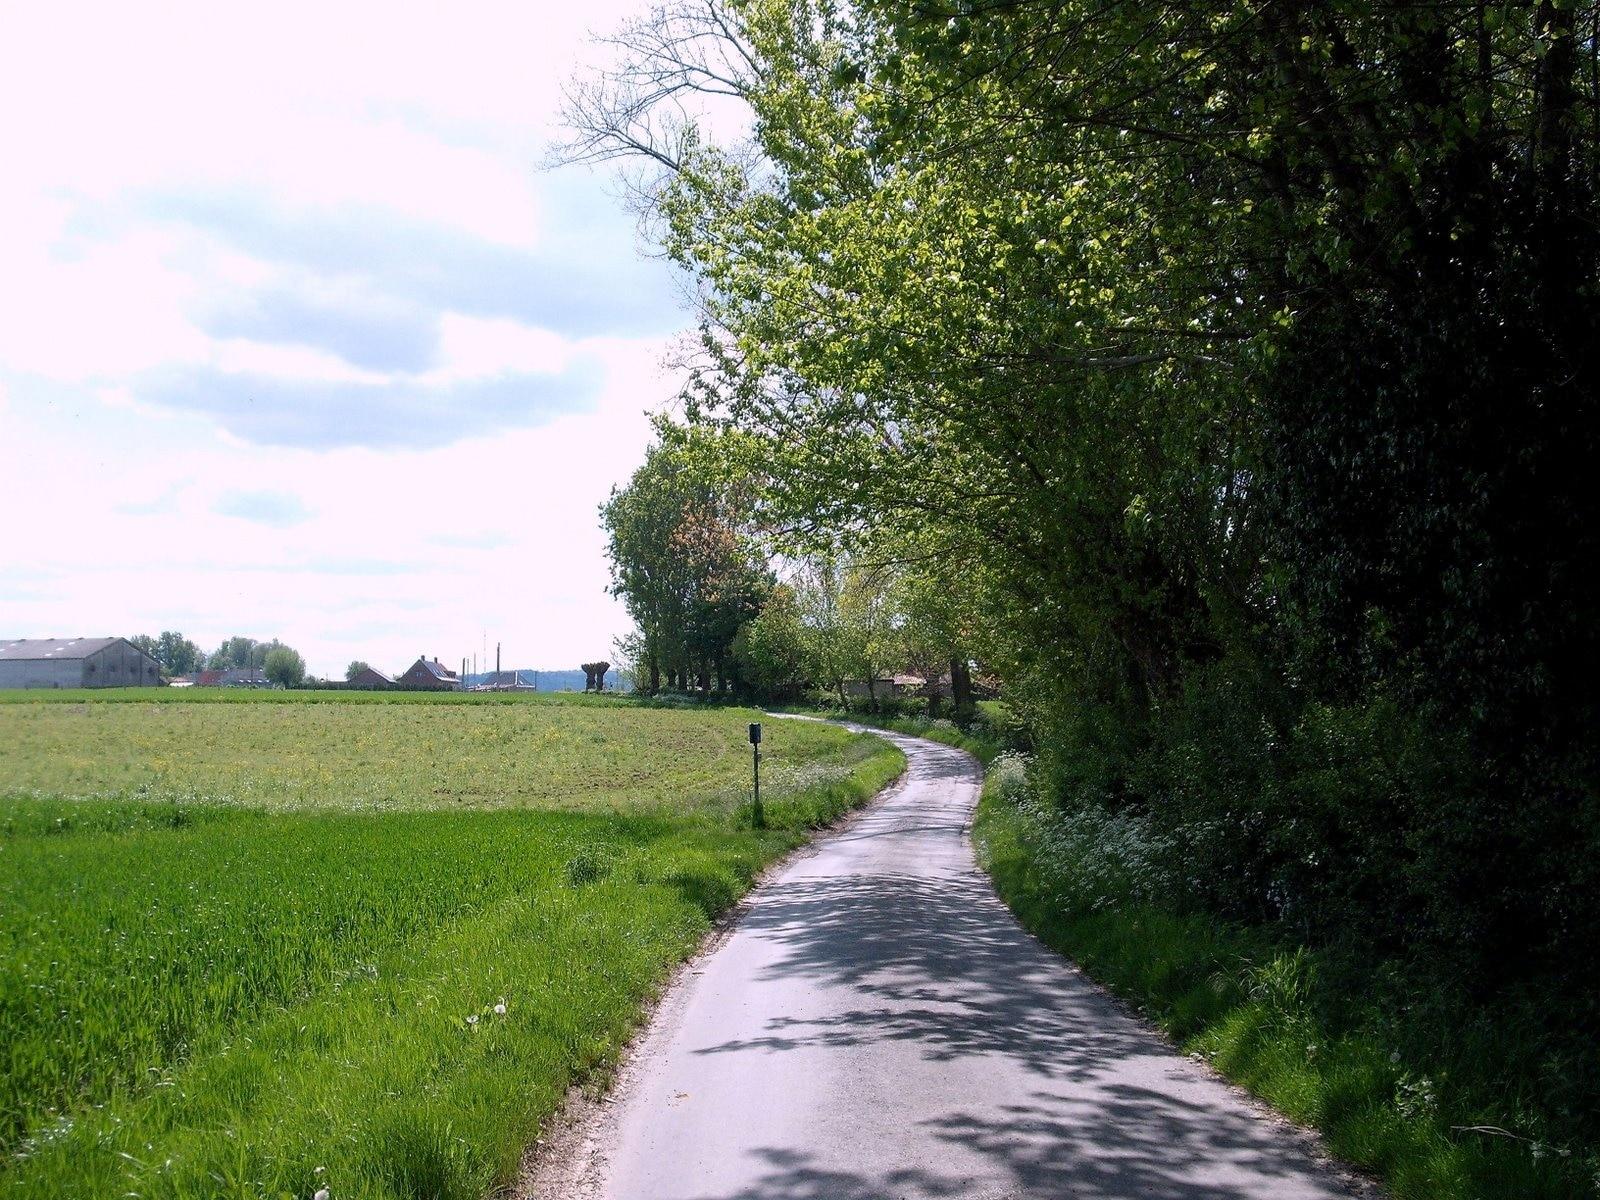 Poperinge, Flemish Region, Belgium